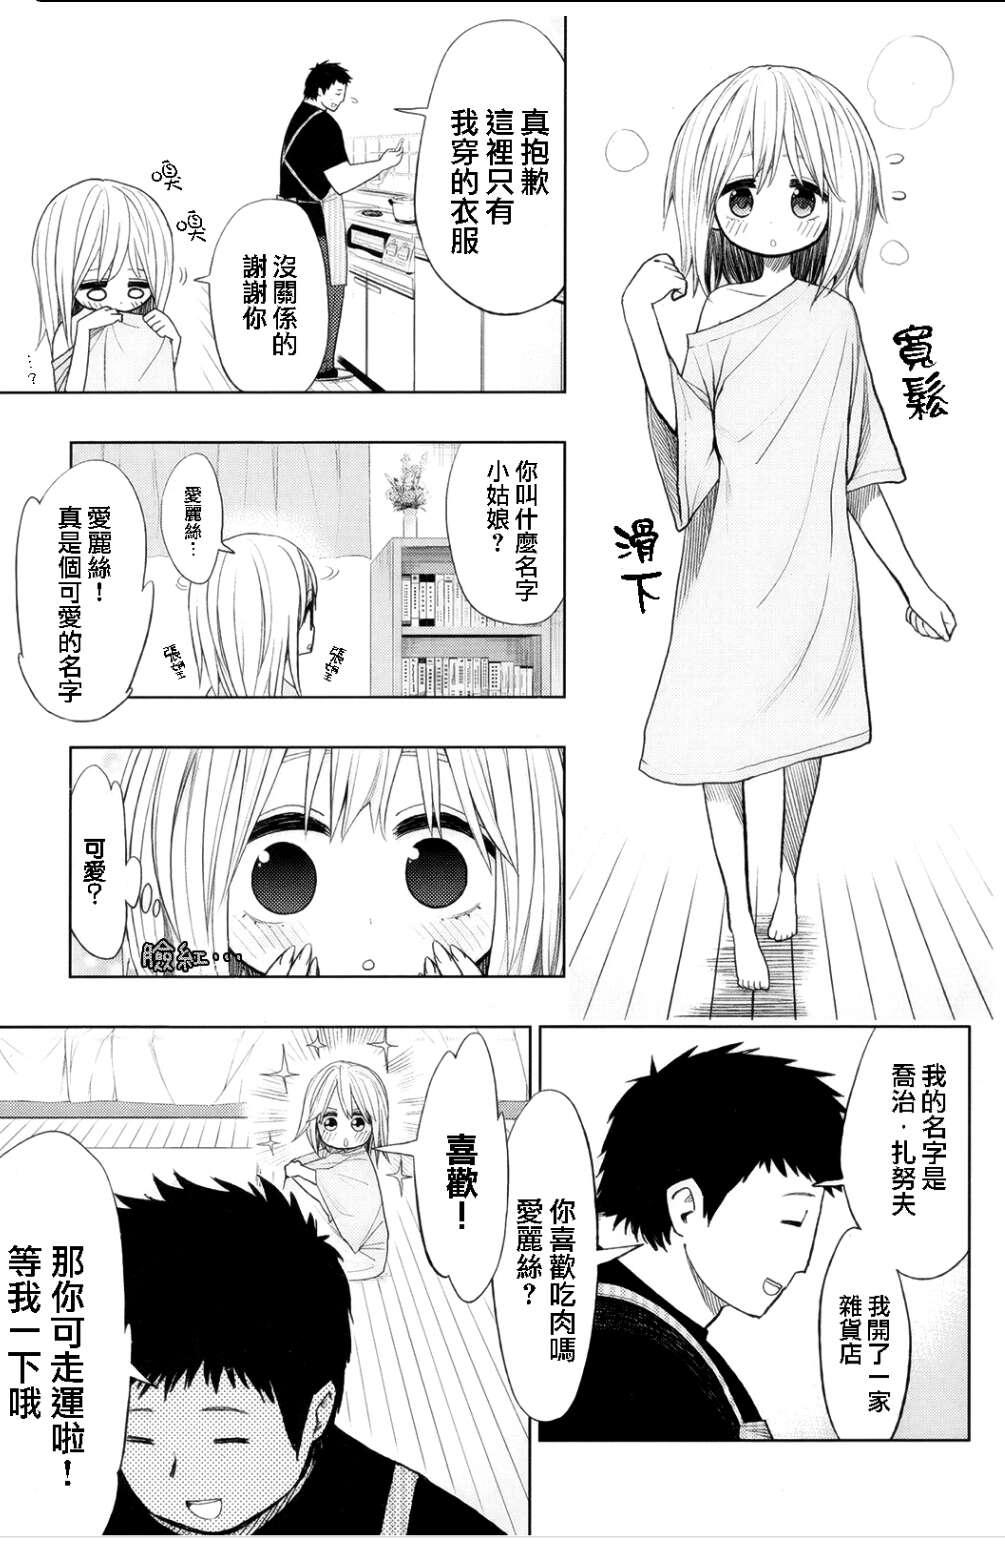 【漫画】屠夫扎努夫希望大家喜欢